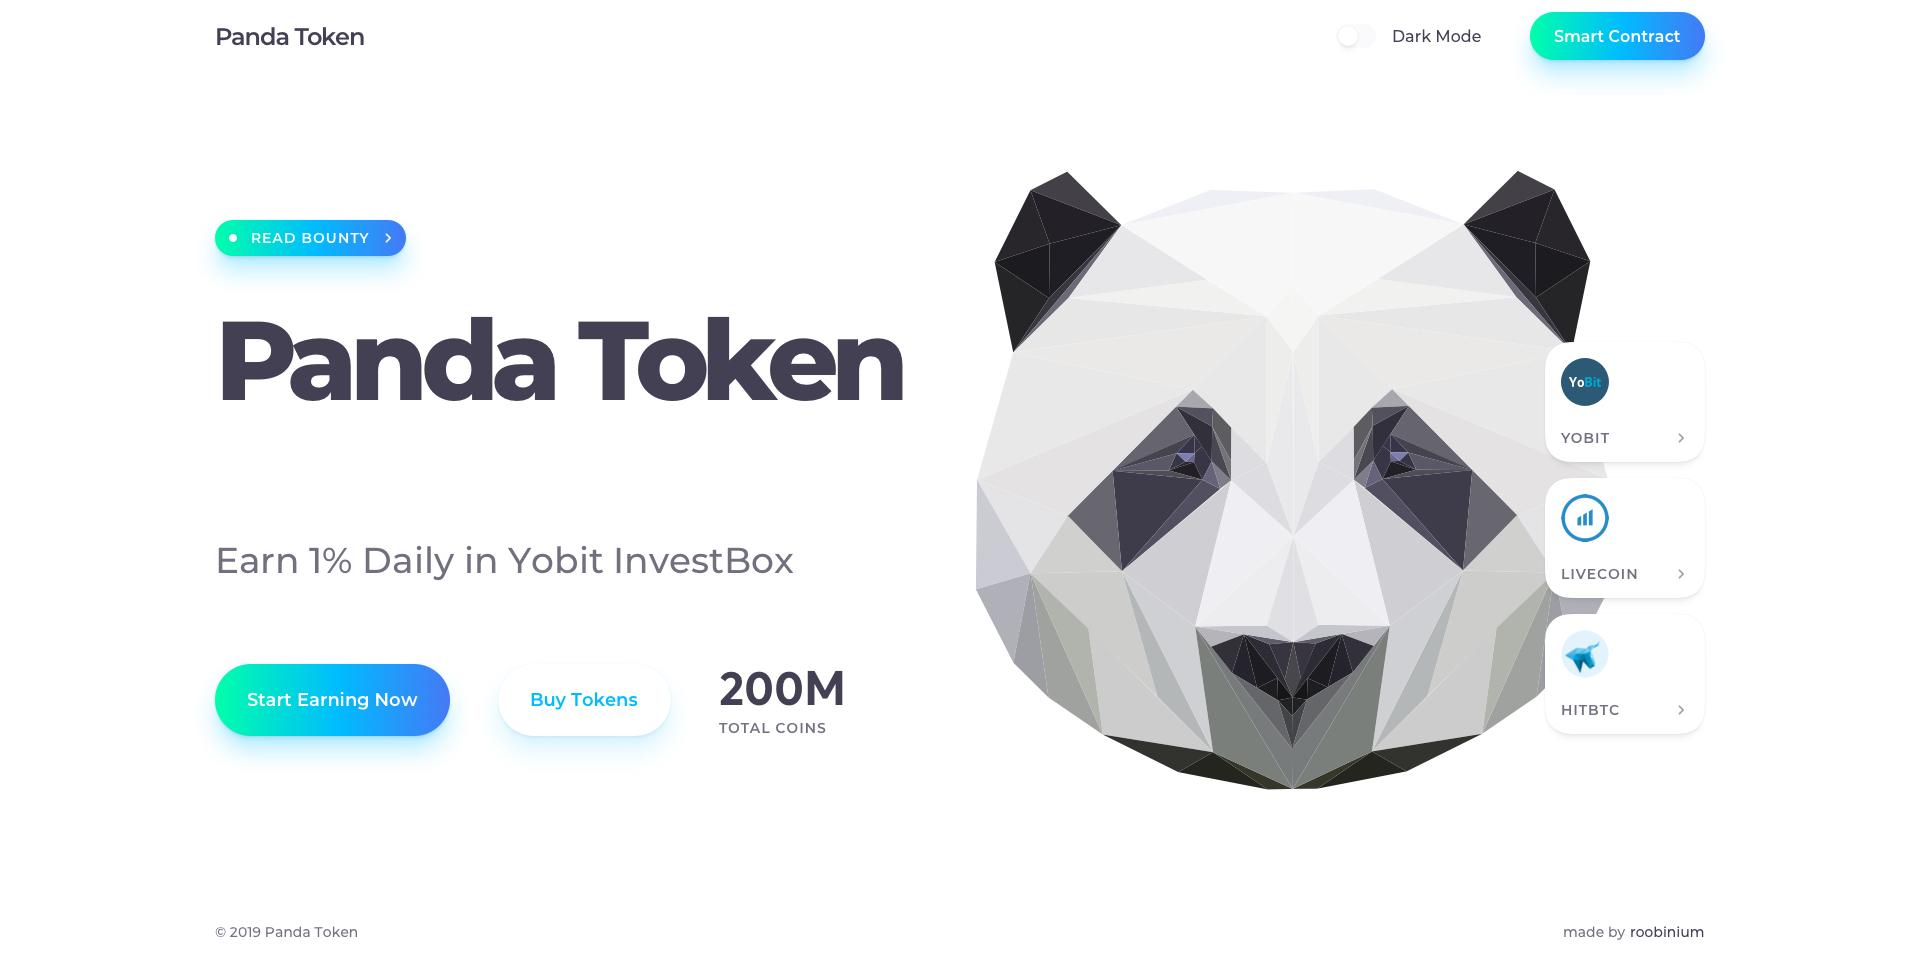 Panda Token